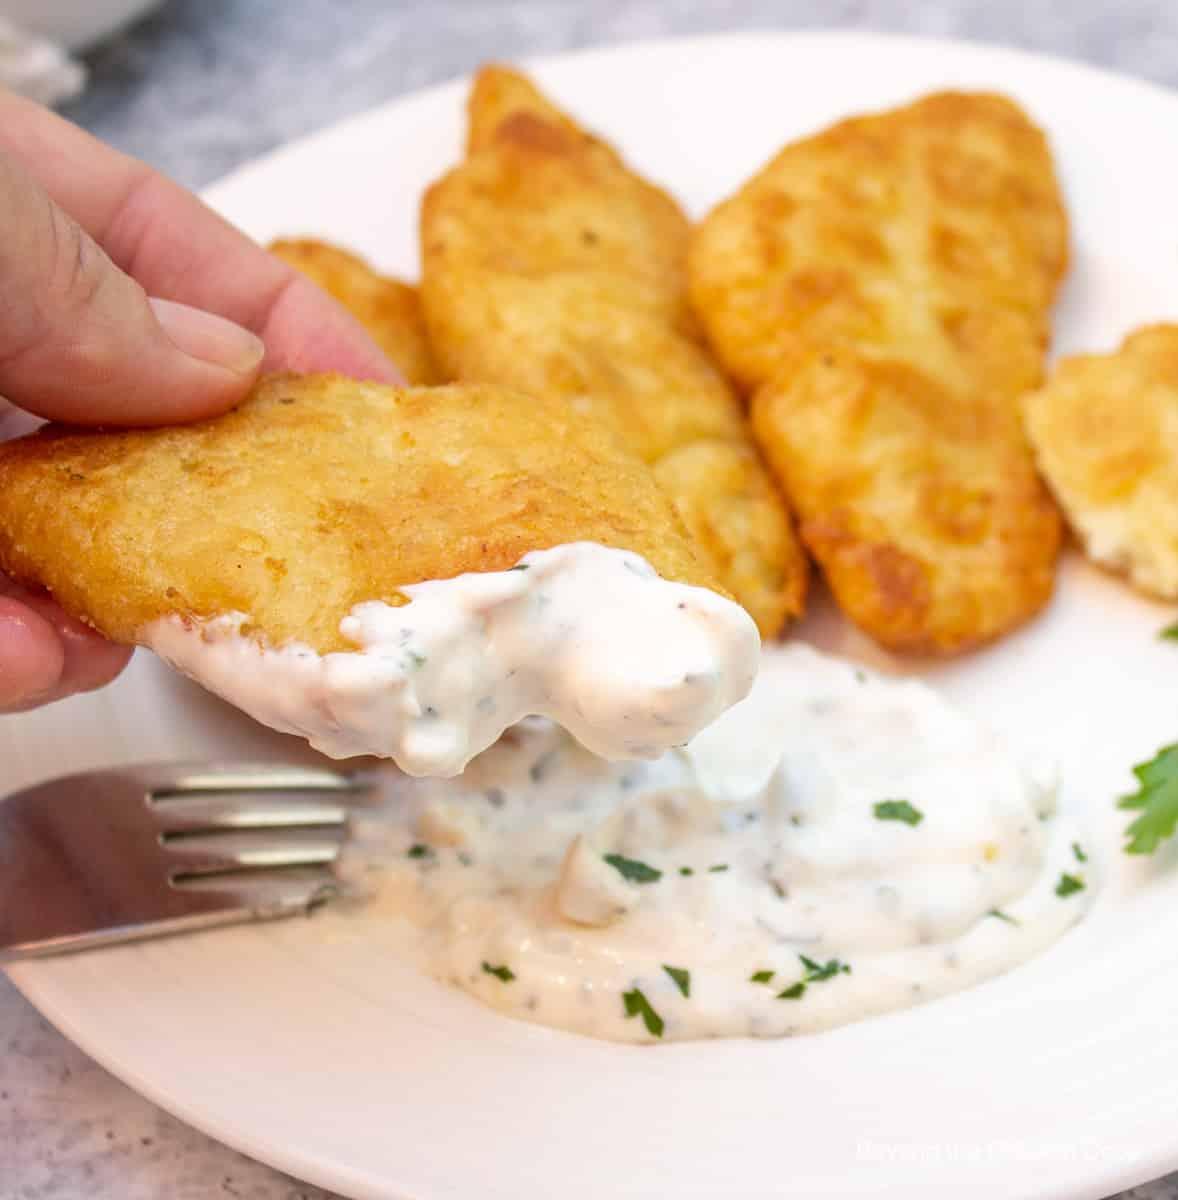 Tartar sauce on a piece of fish.